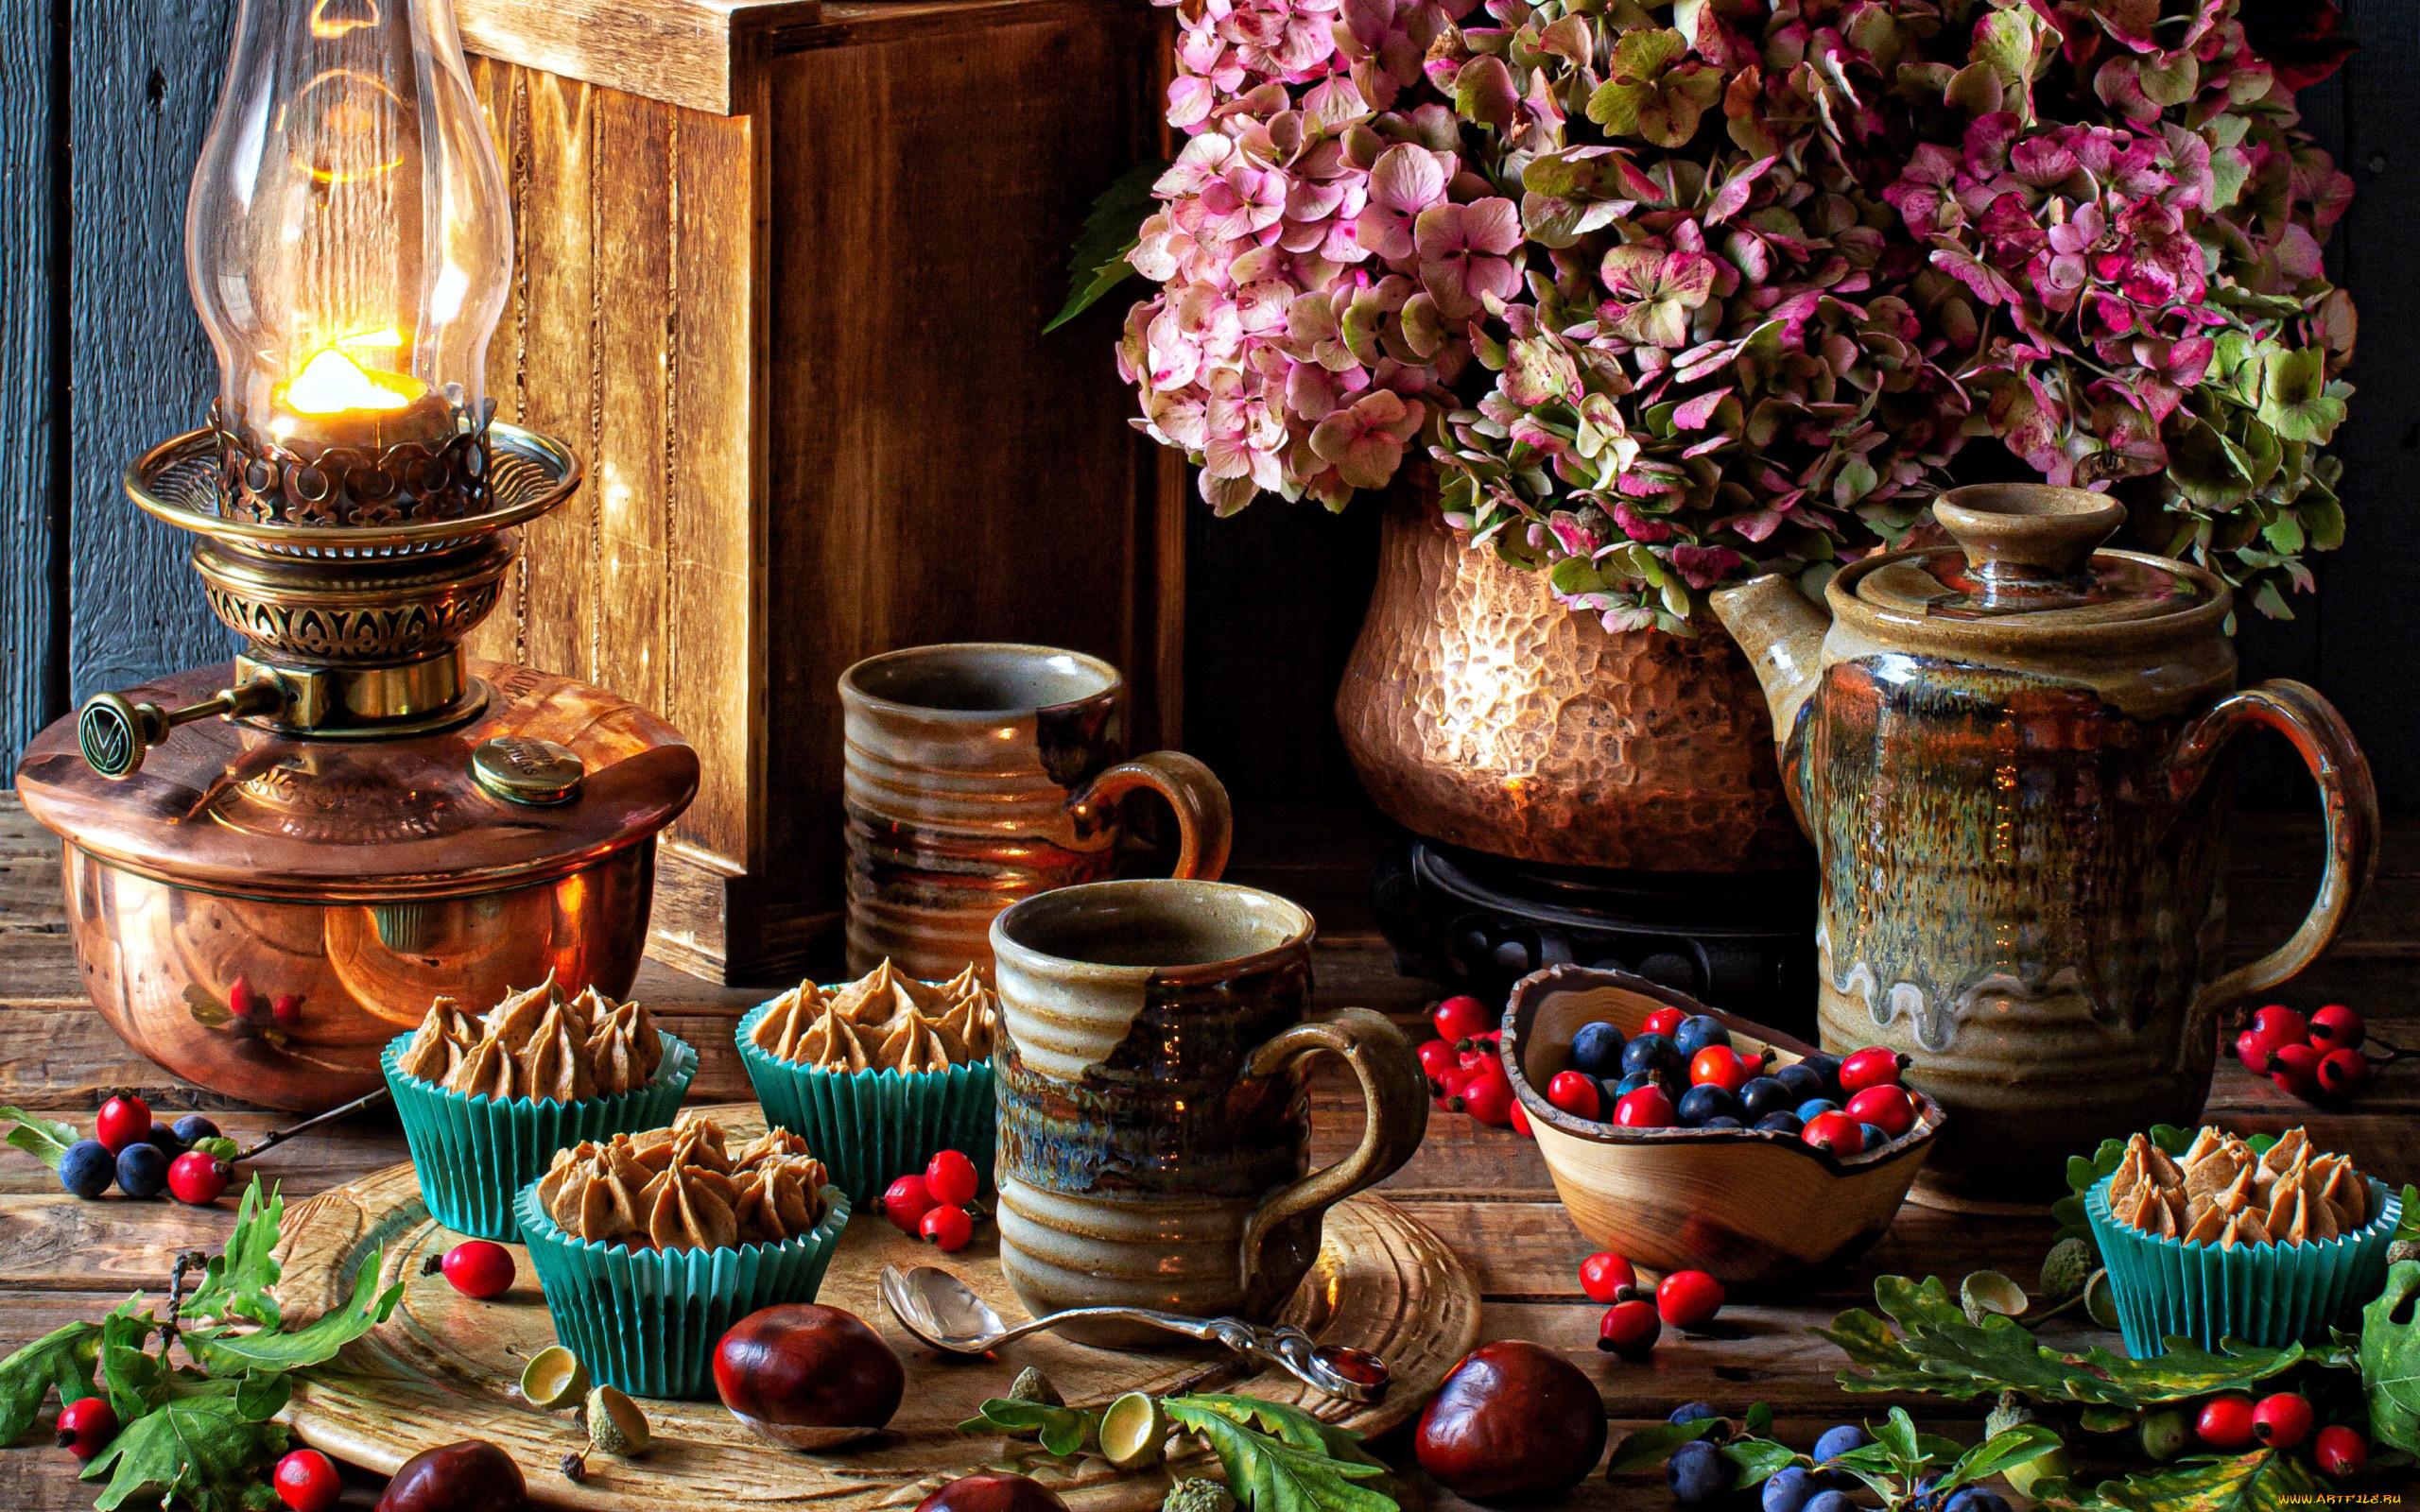 еда, натюрморт, лампа, каштаны, гортензия, ягоды, кексы